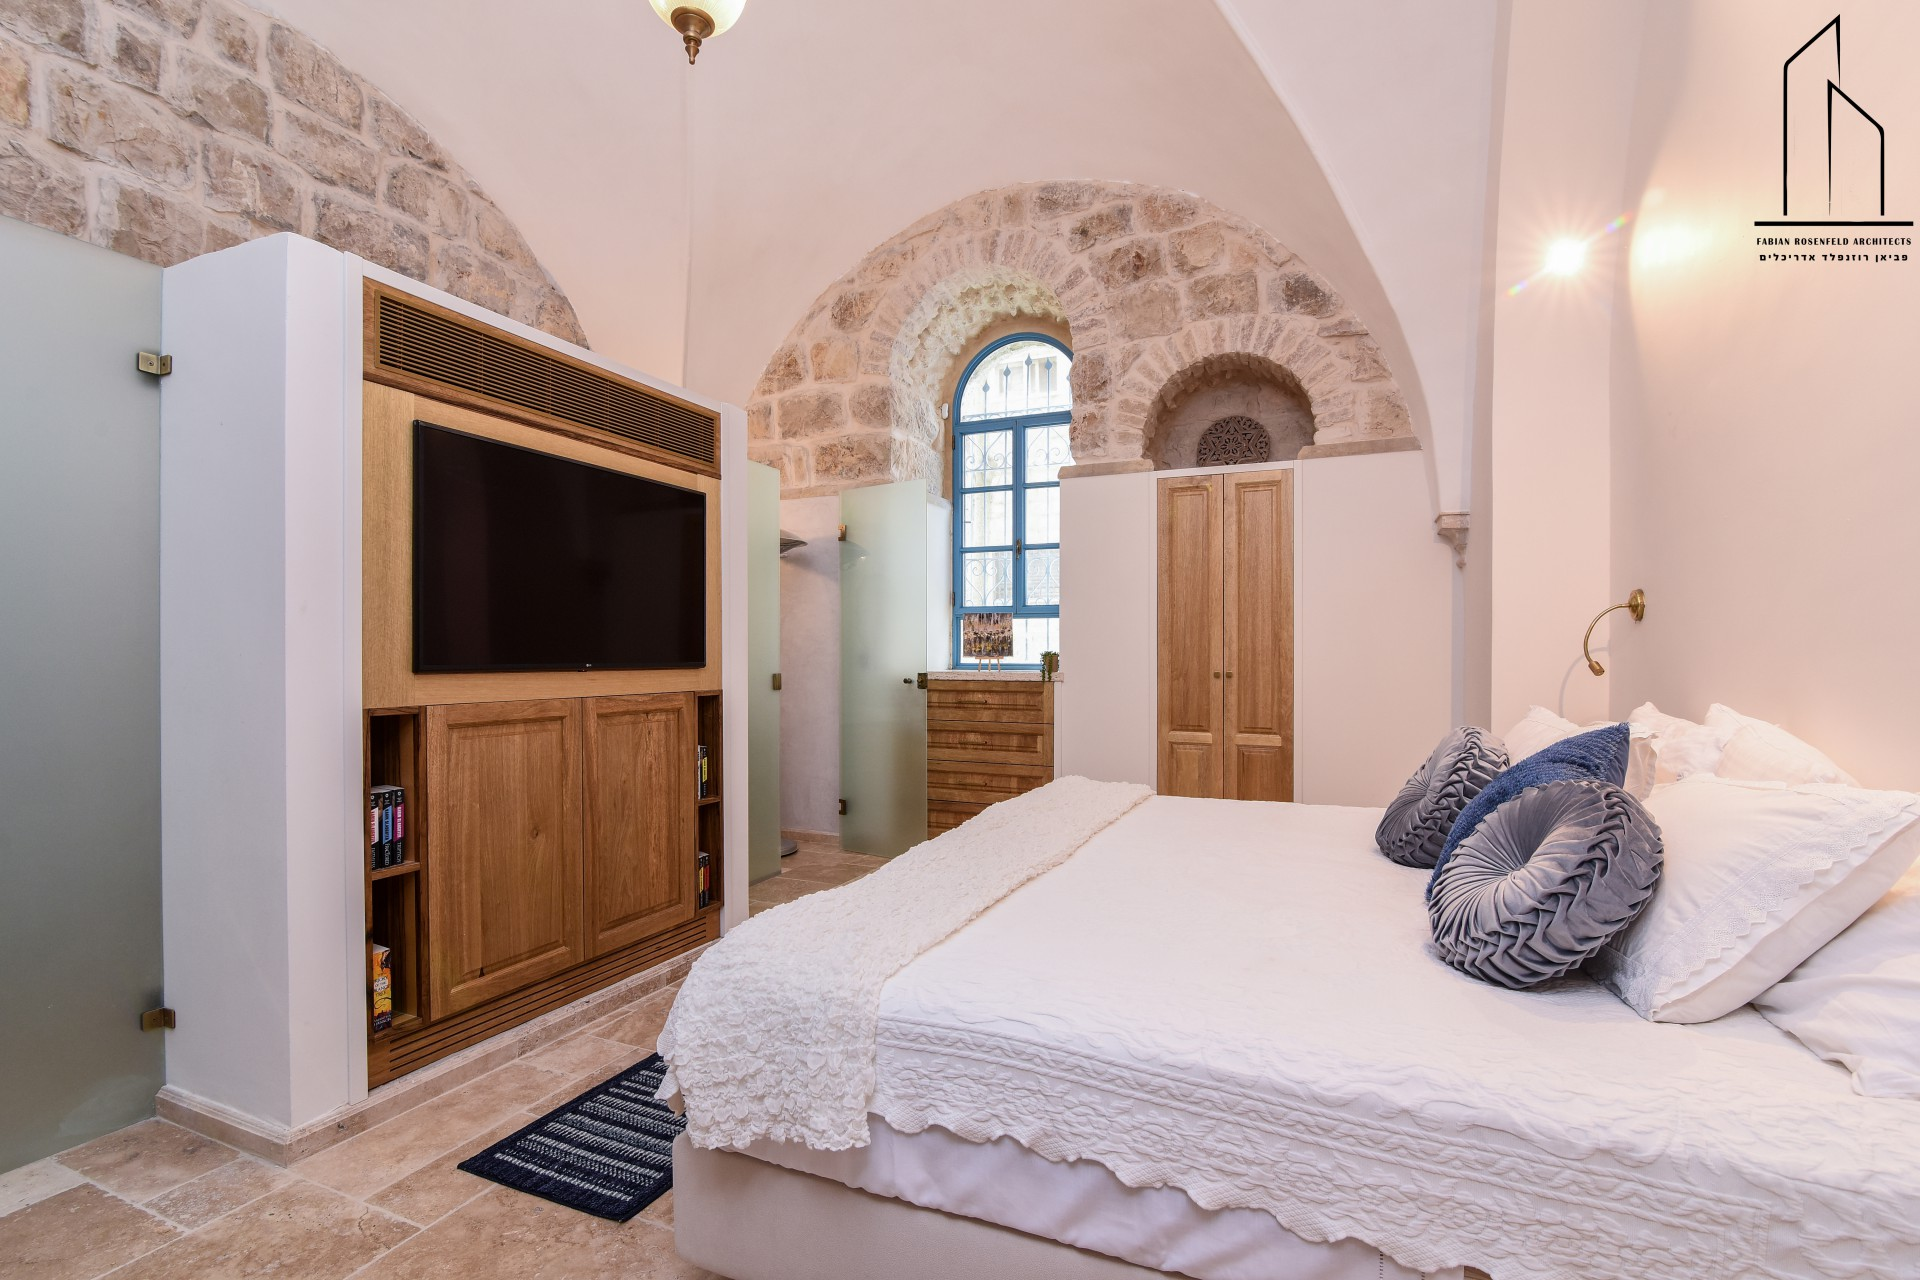 עיצוב חדר שינה בשימוש מוצרי בר עמי עיצובים